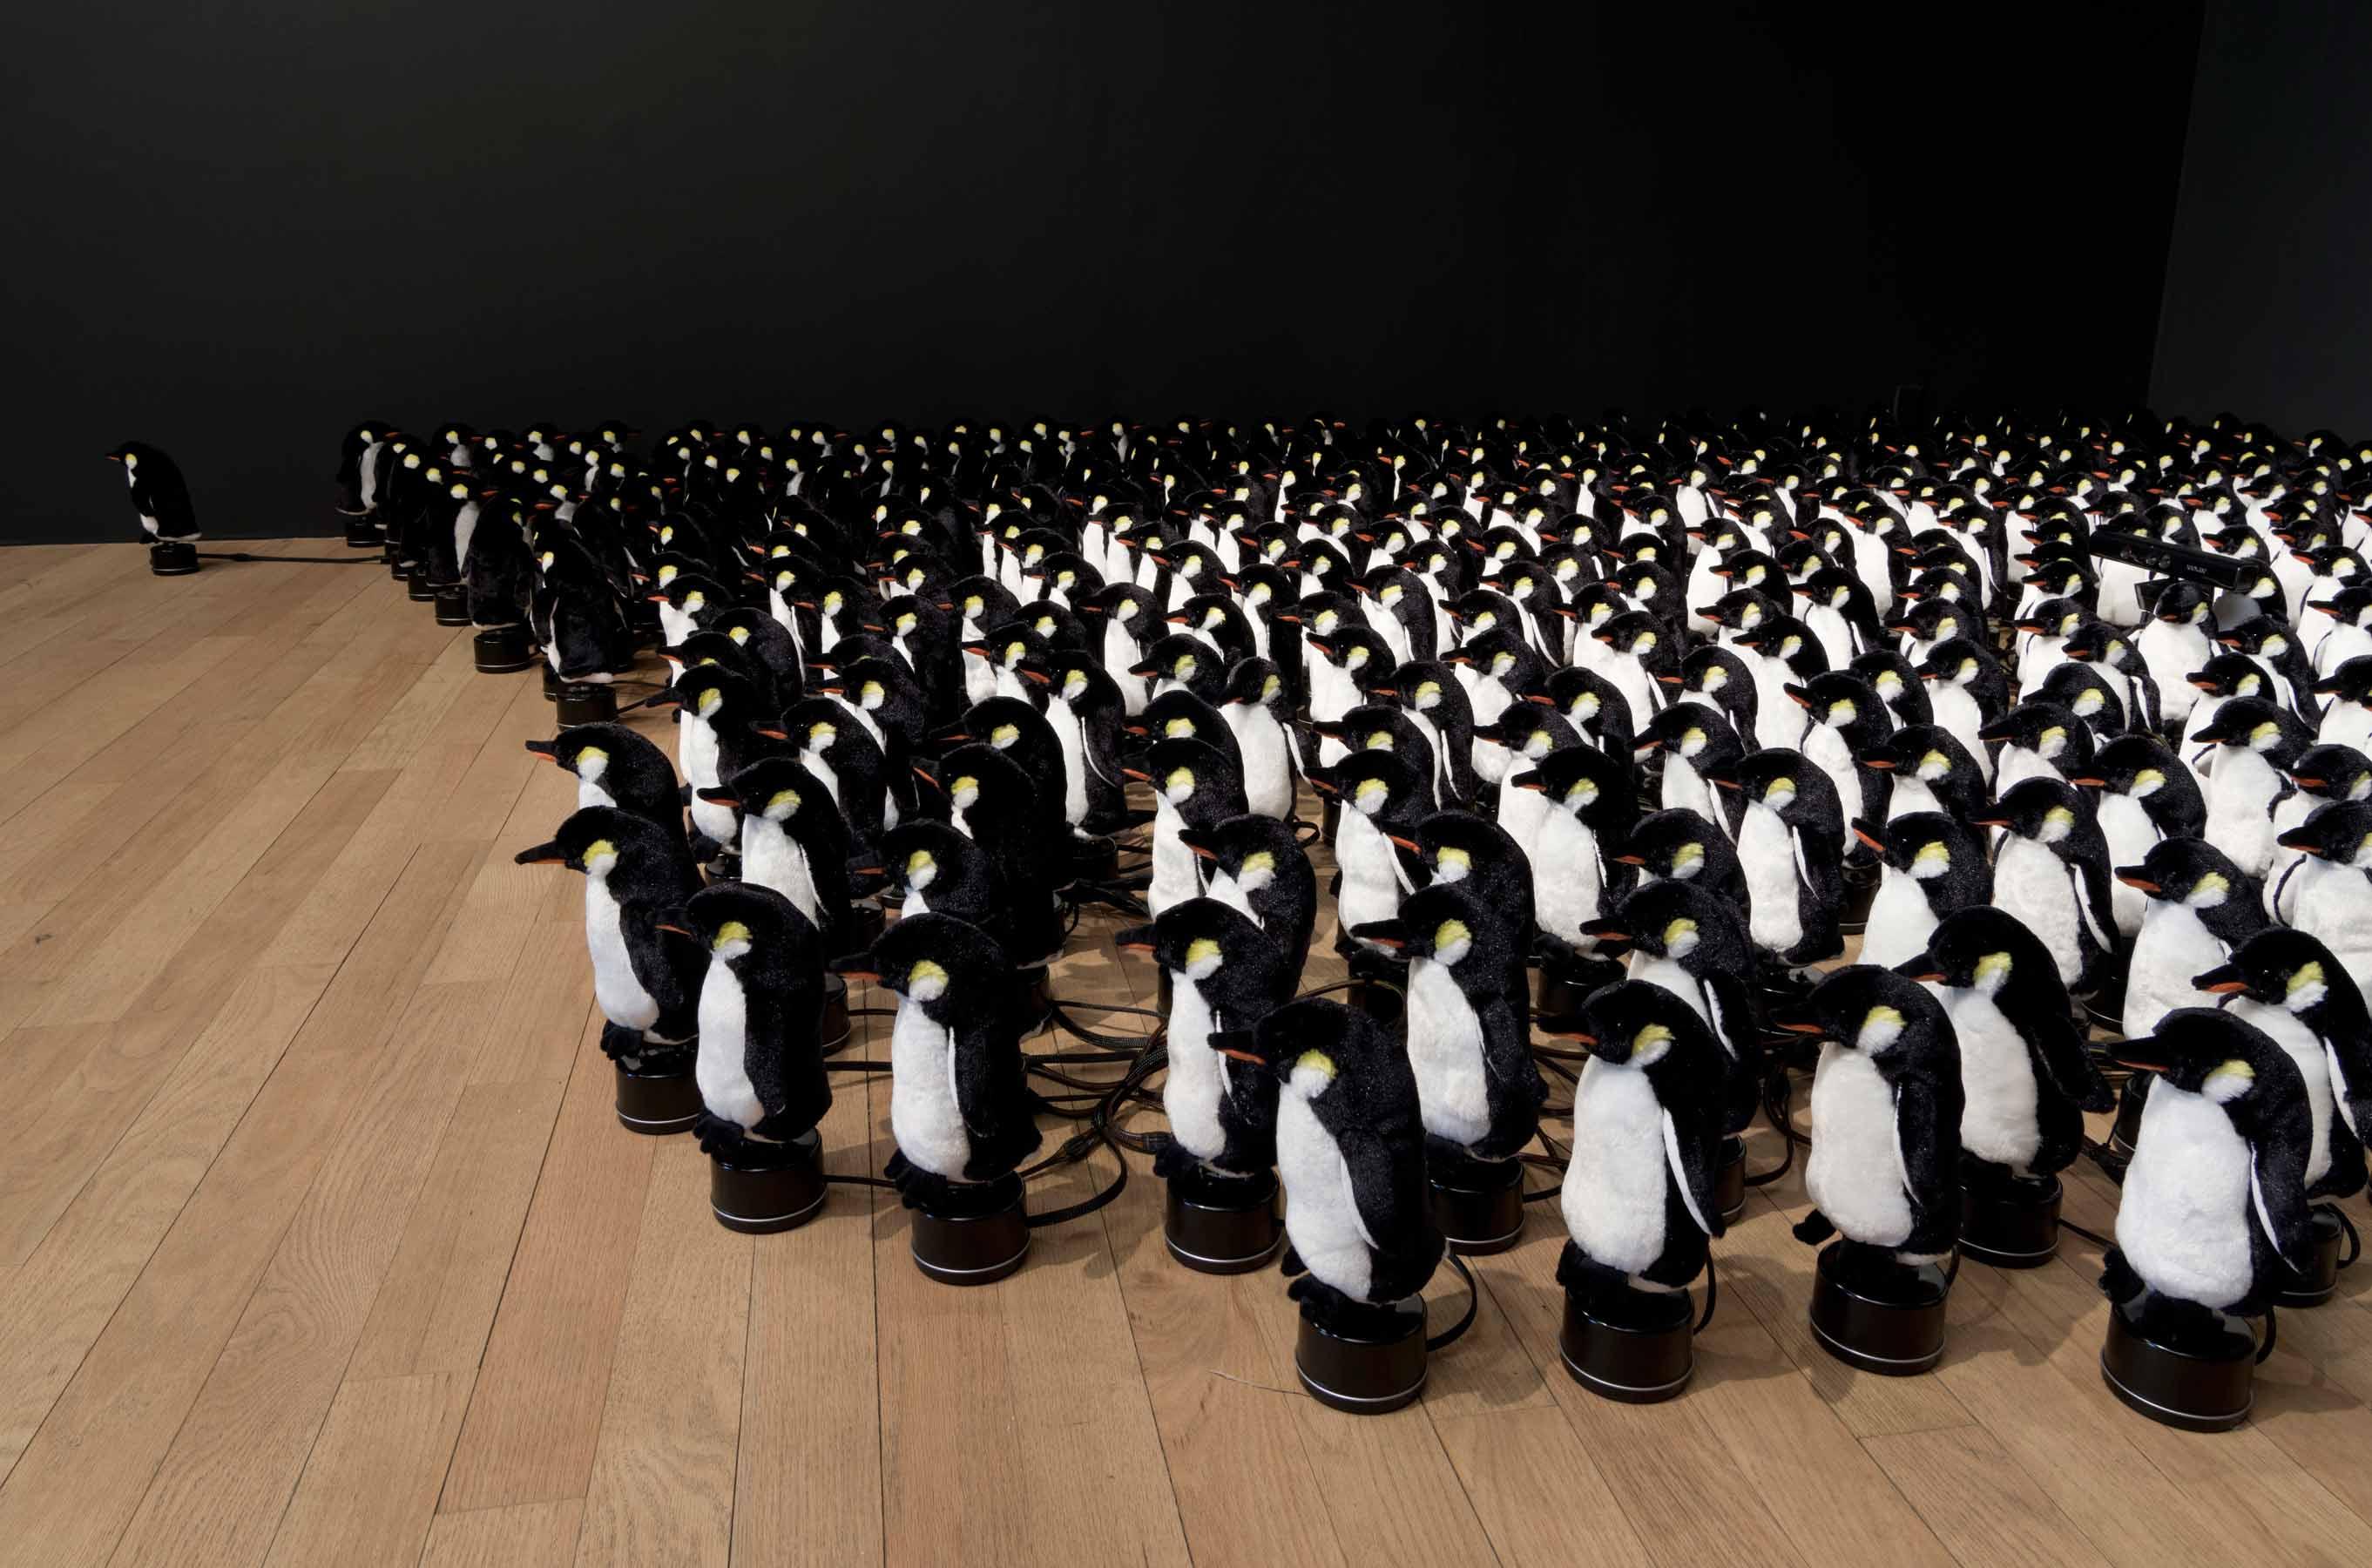 PenguinsMirror